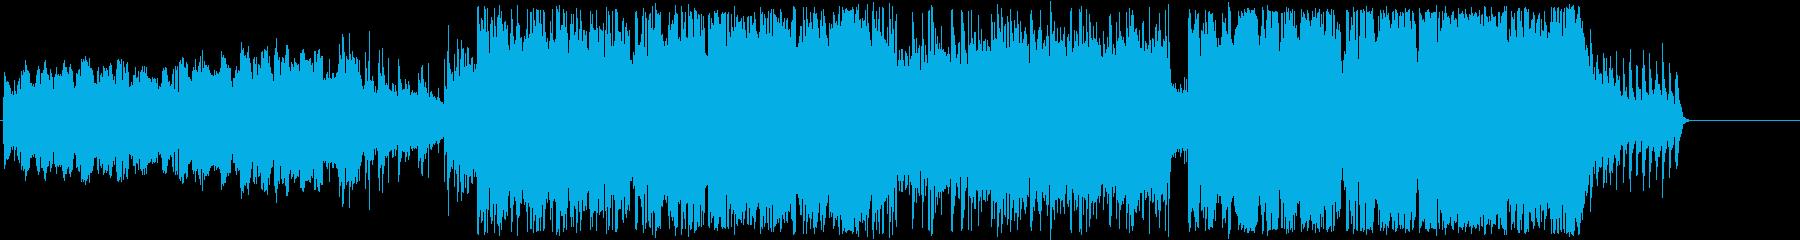 もの悲しいメロディのエスニックの再生済みの波形